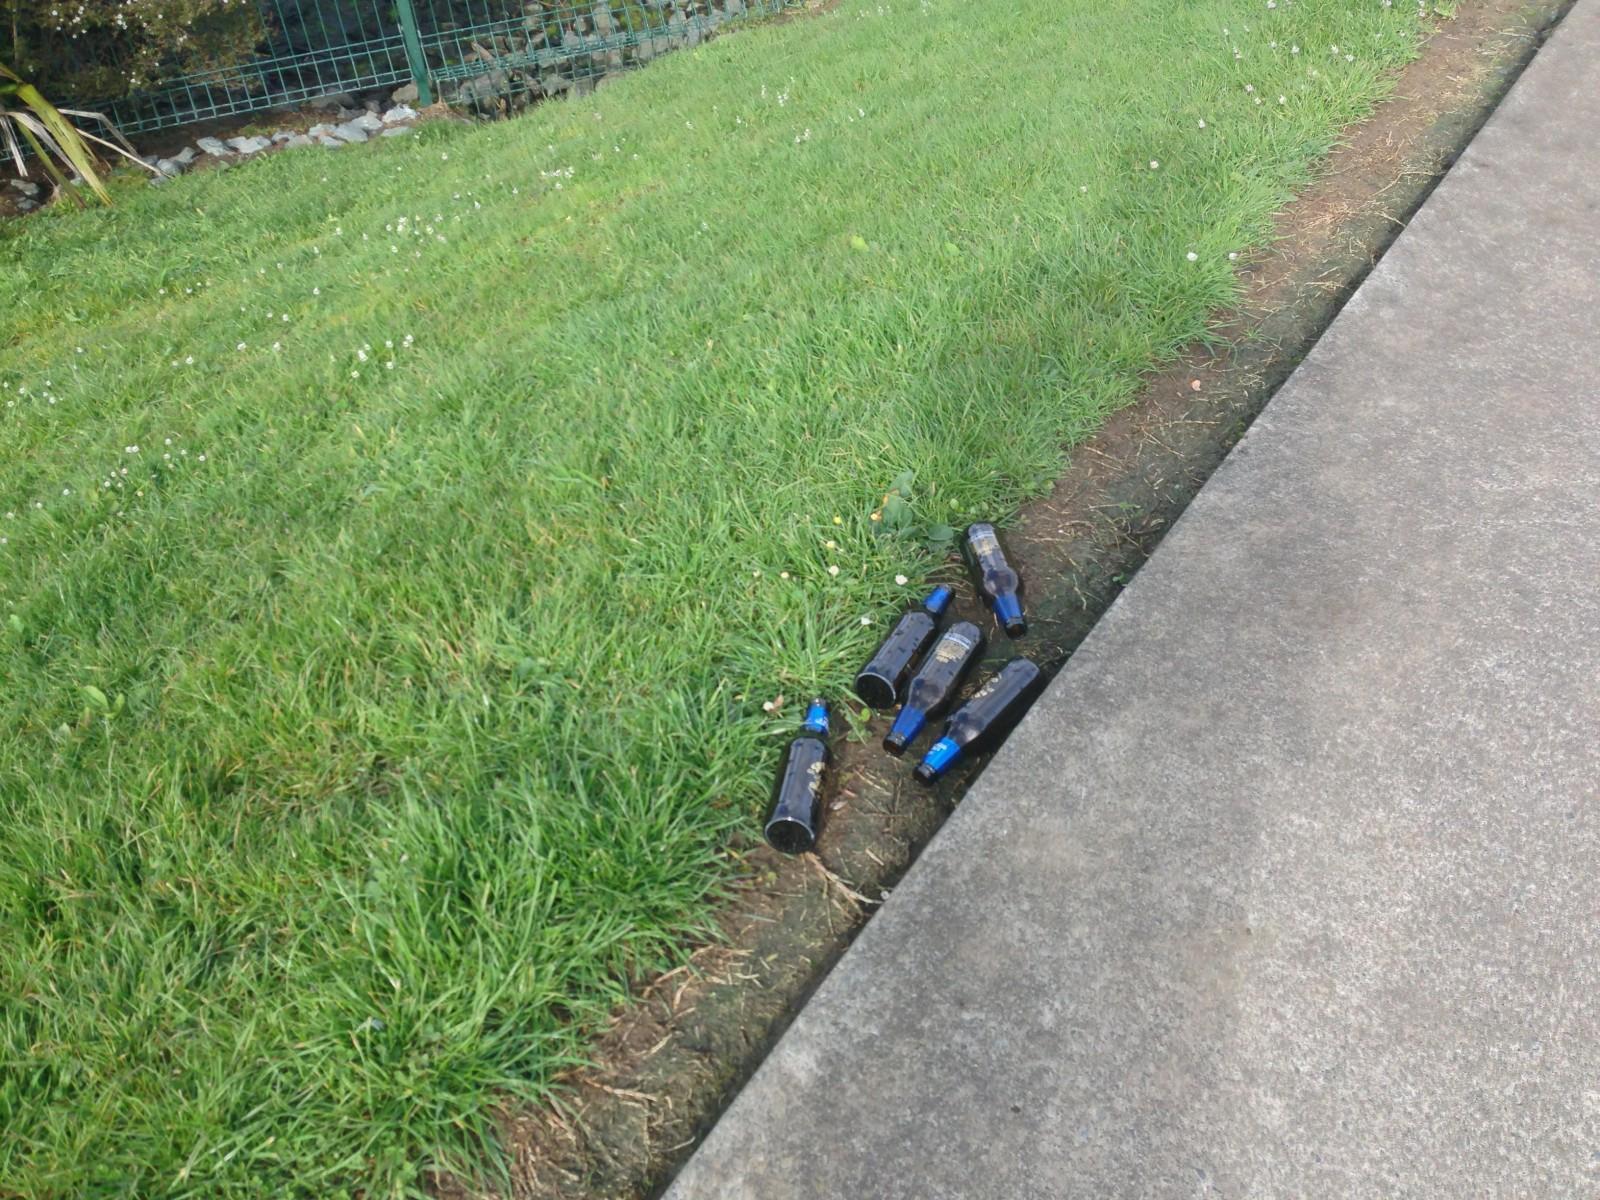 О том, куда писать, если сломана скамейка в парке (Перепост) 2013-09-08 09.47.43